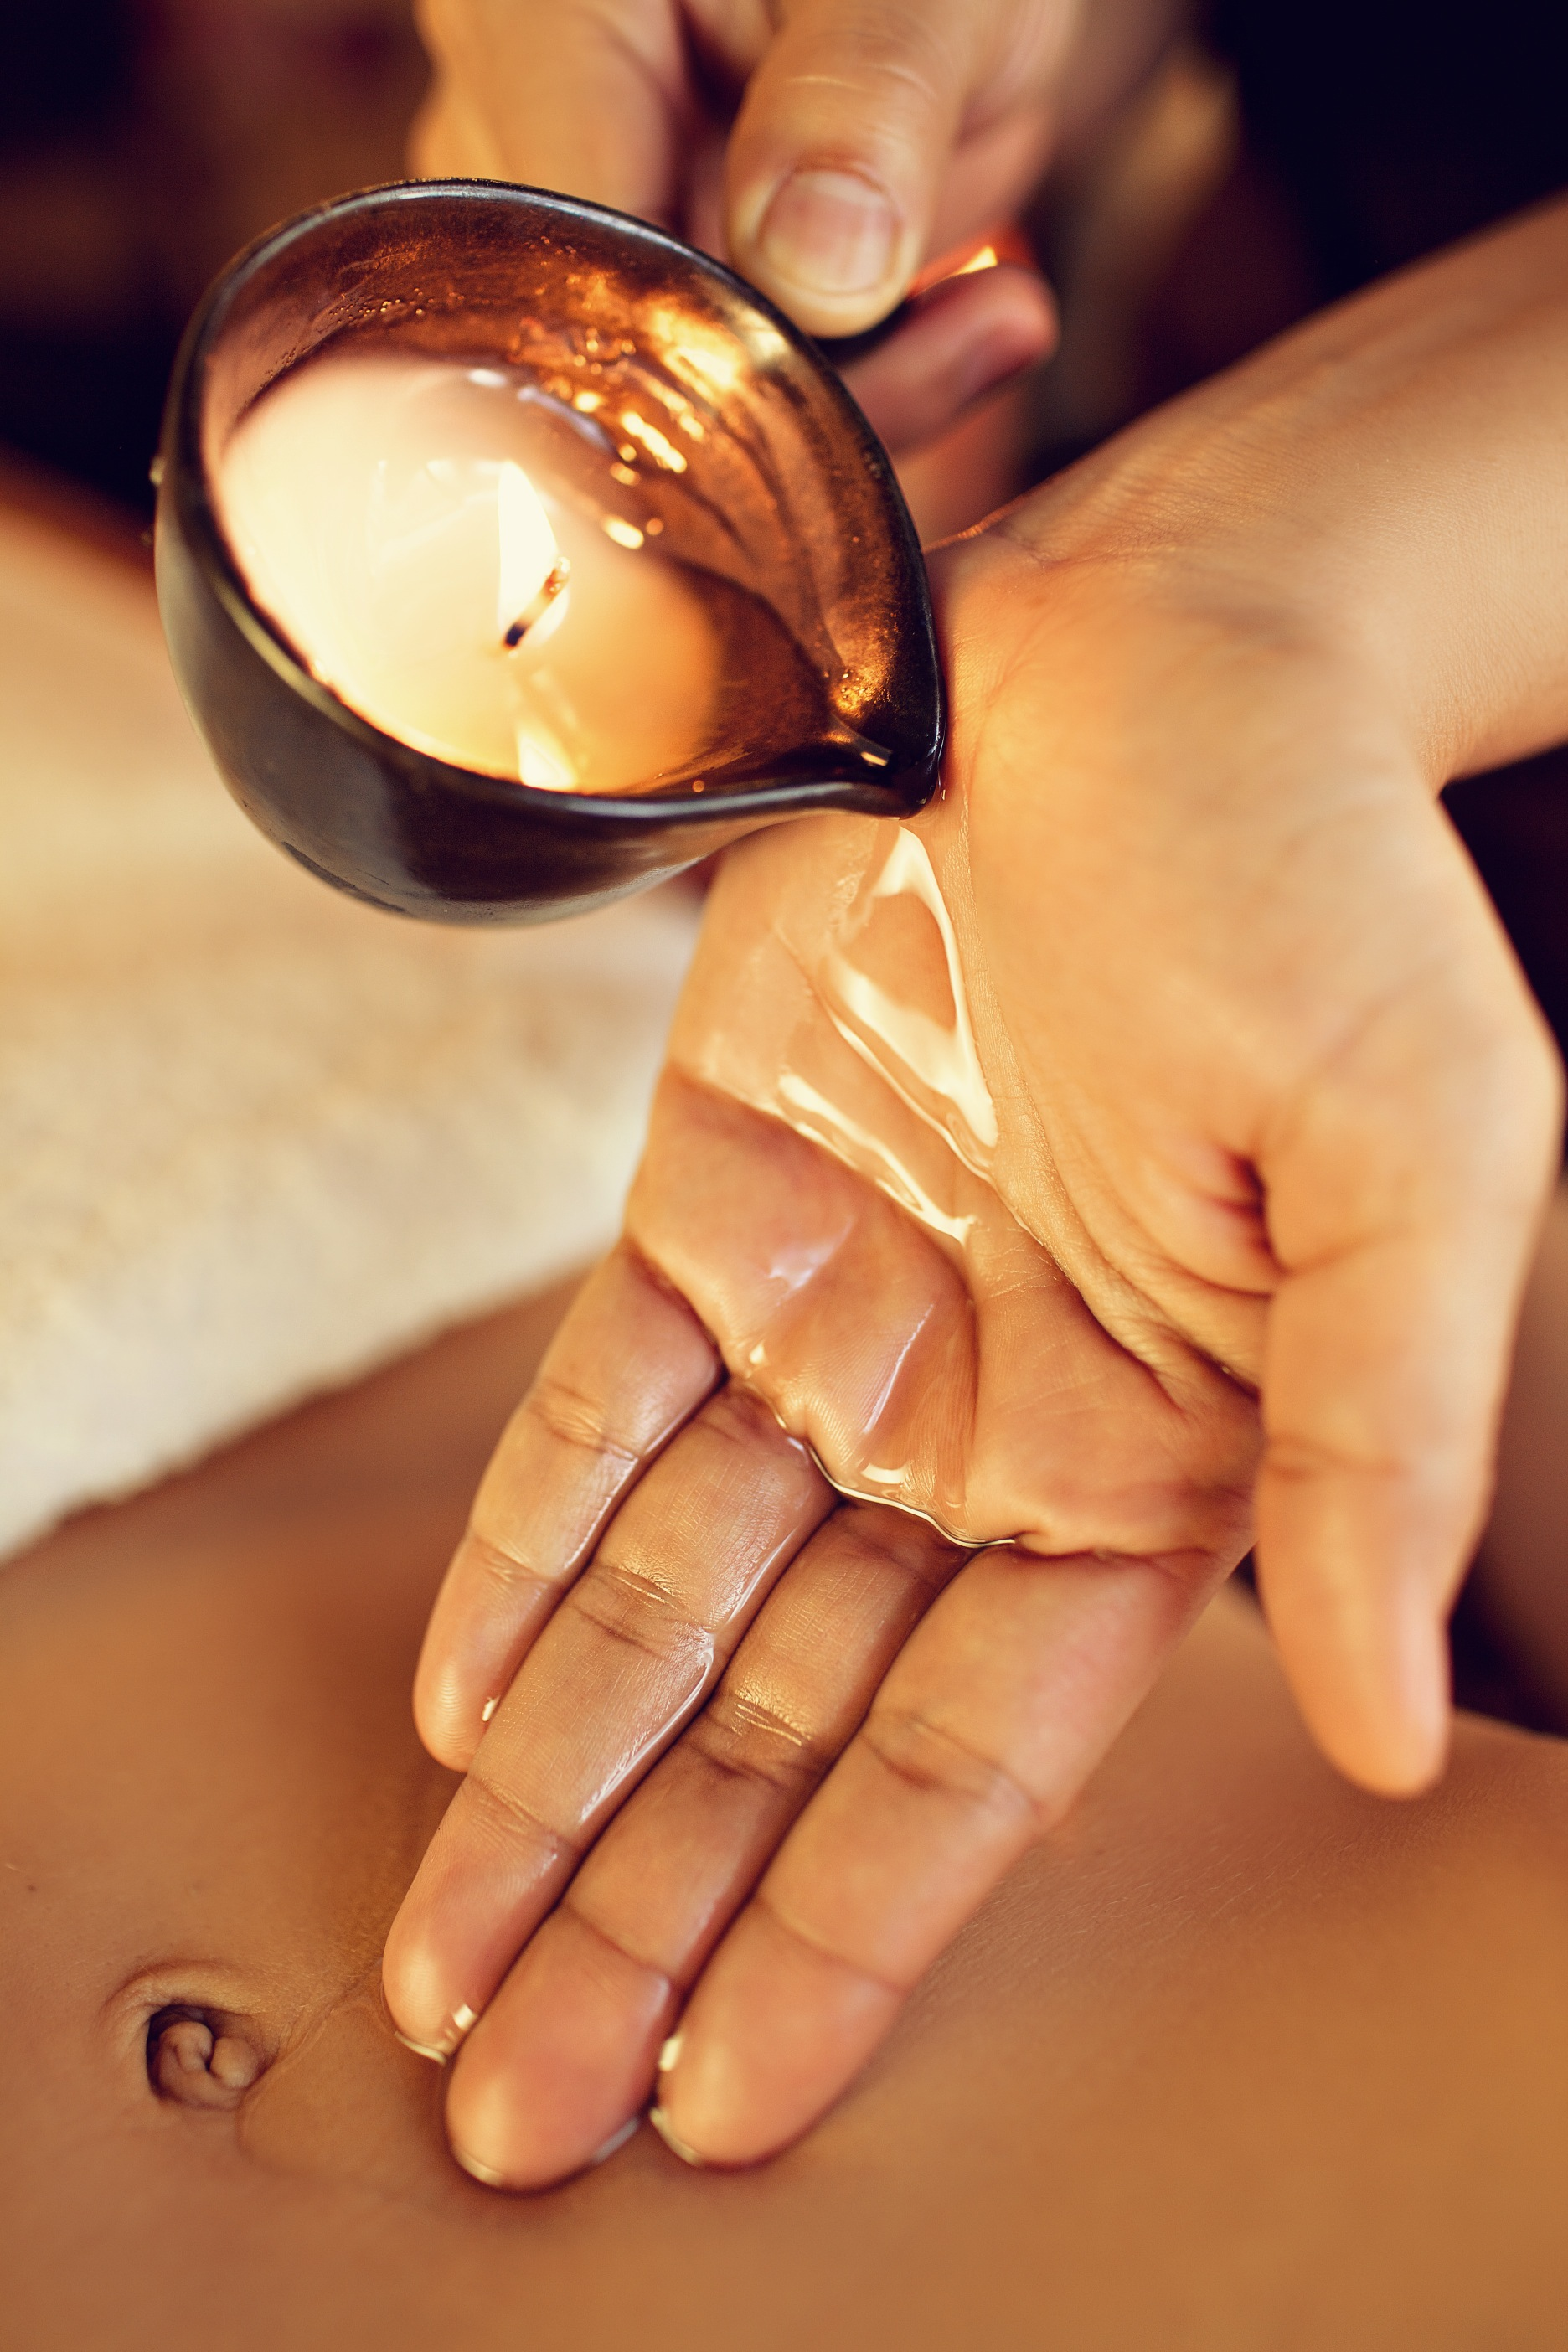 ruw massage pornstar ervaring